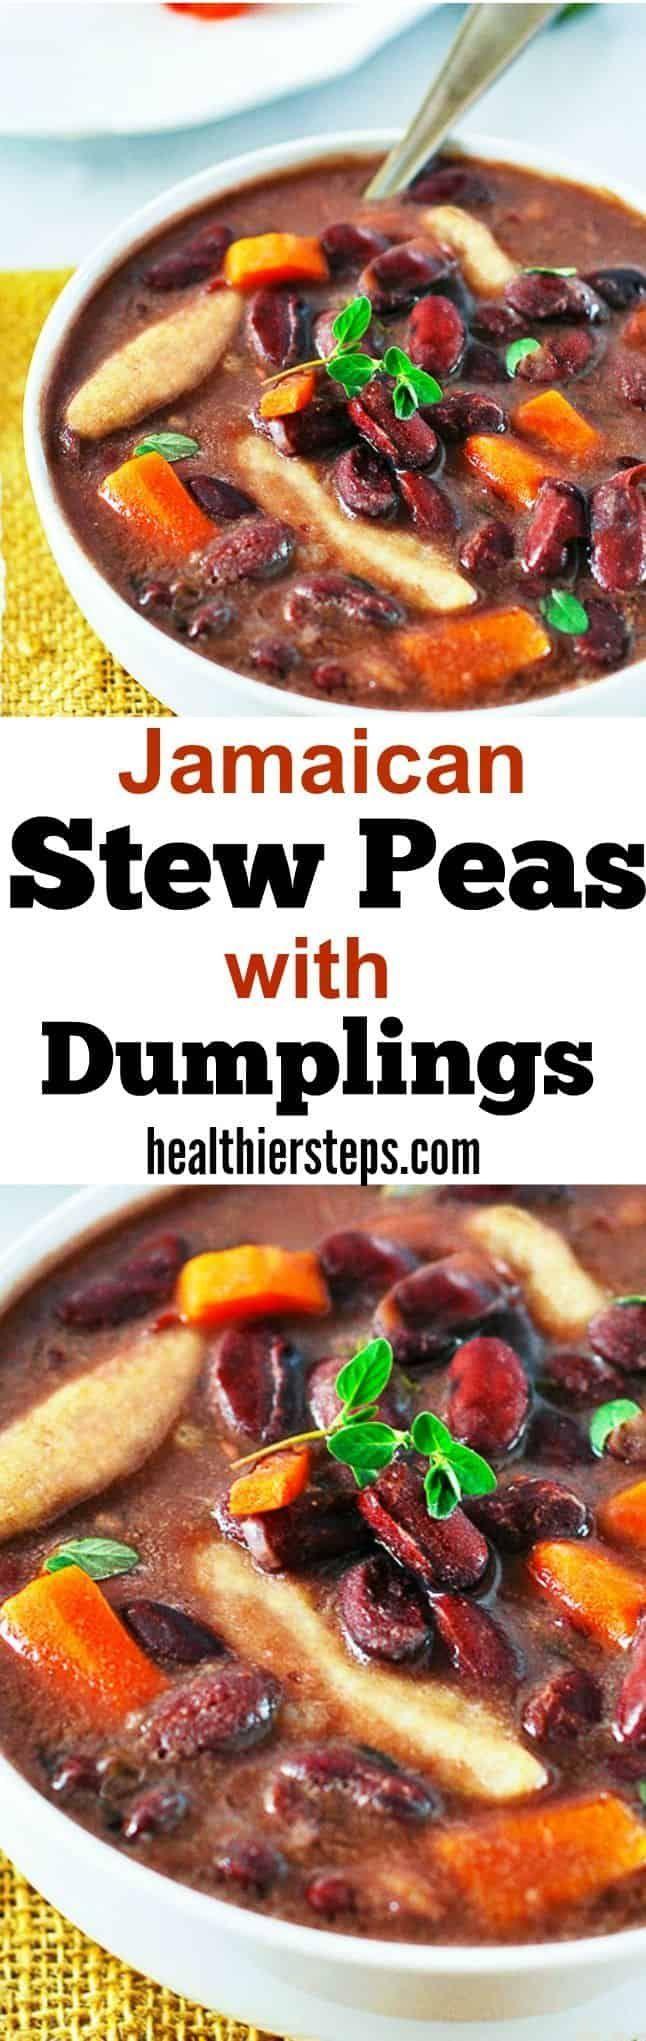 jamaican stew peas with dumplings  stew peas jamaican